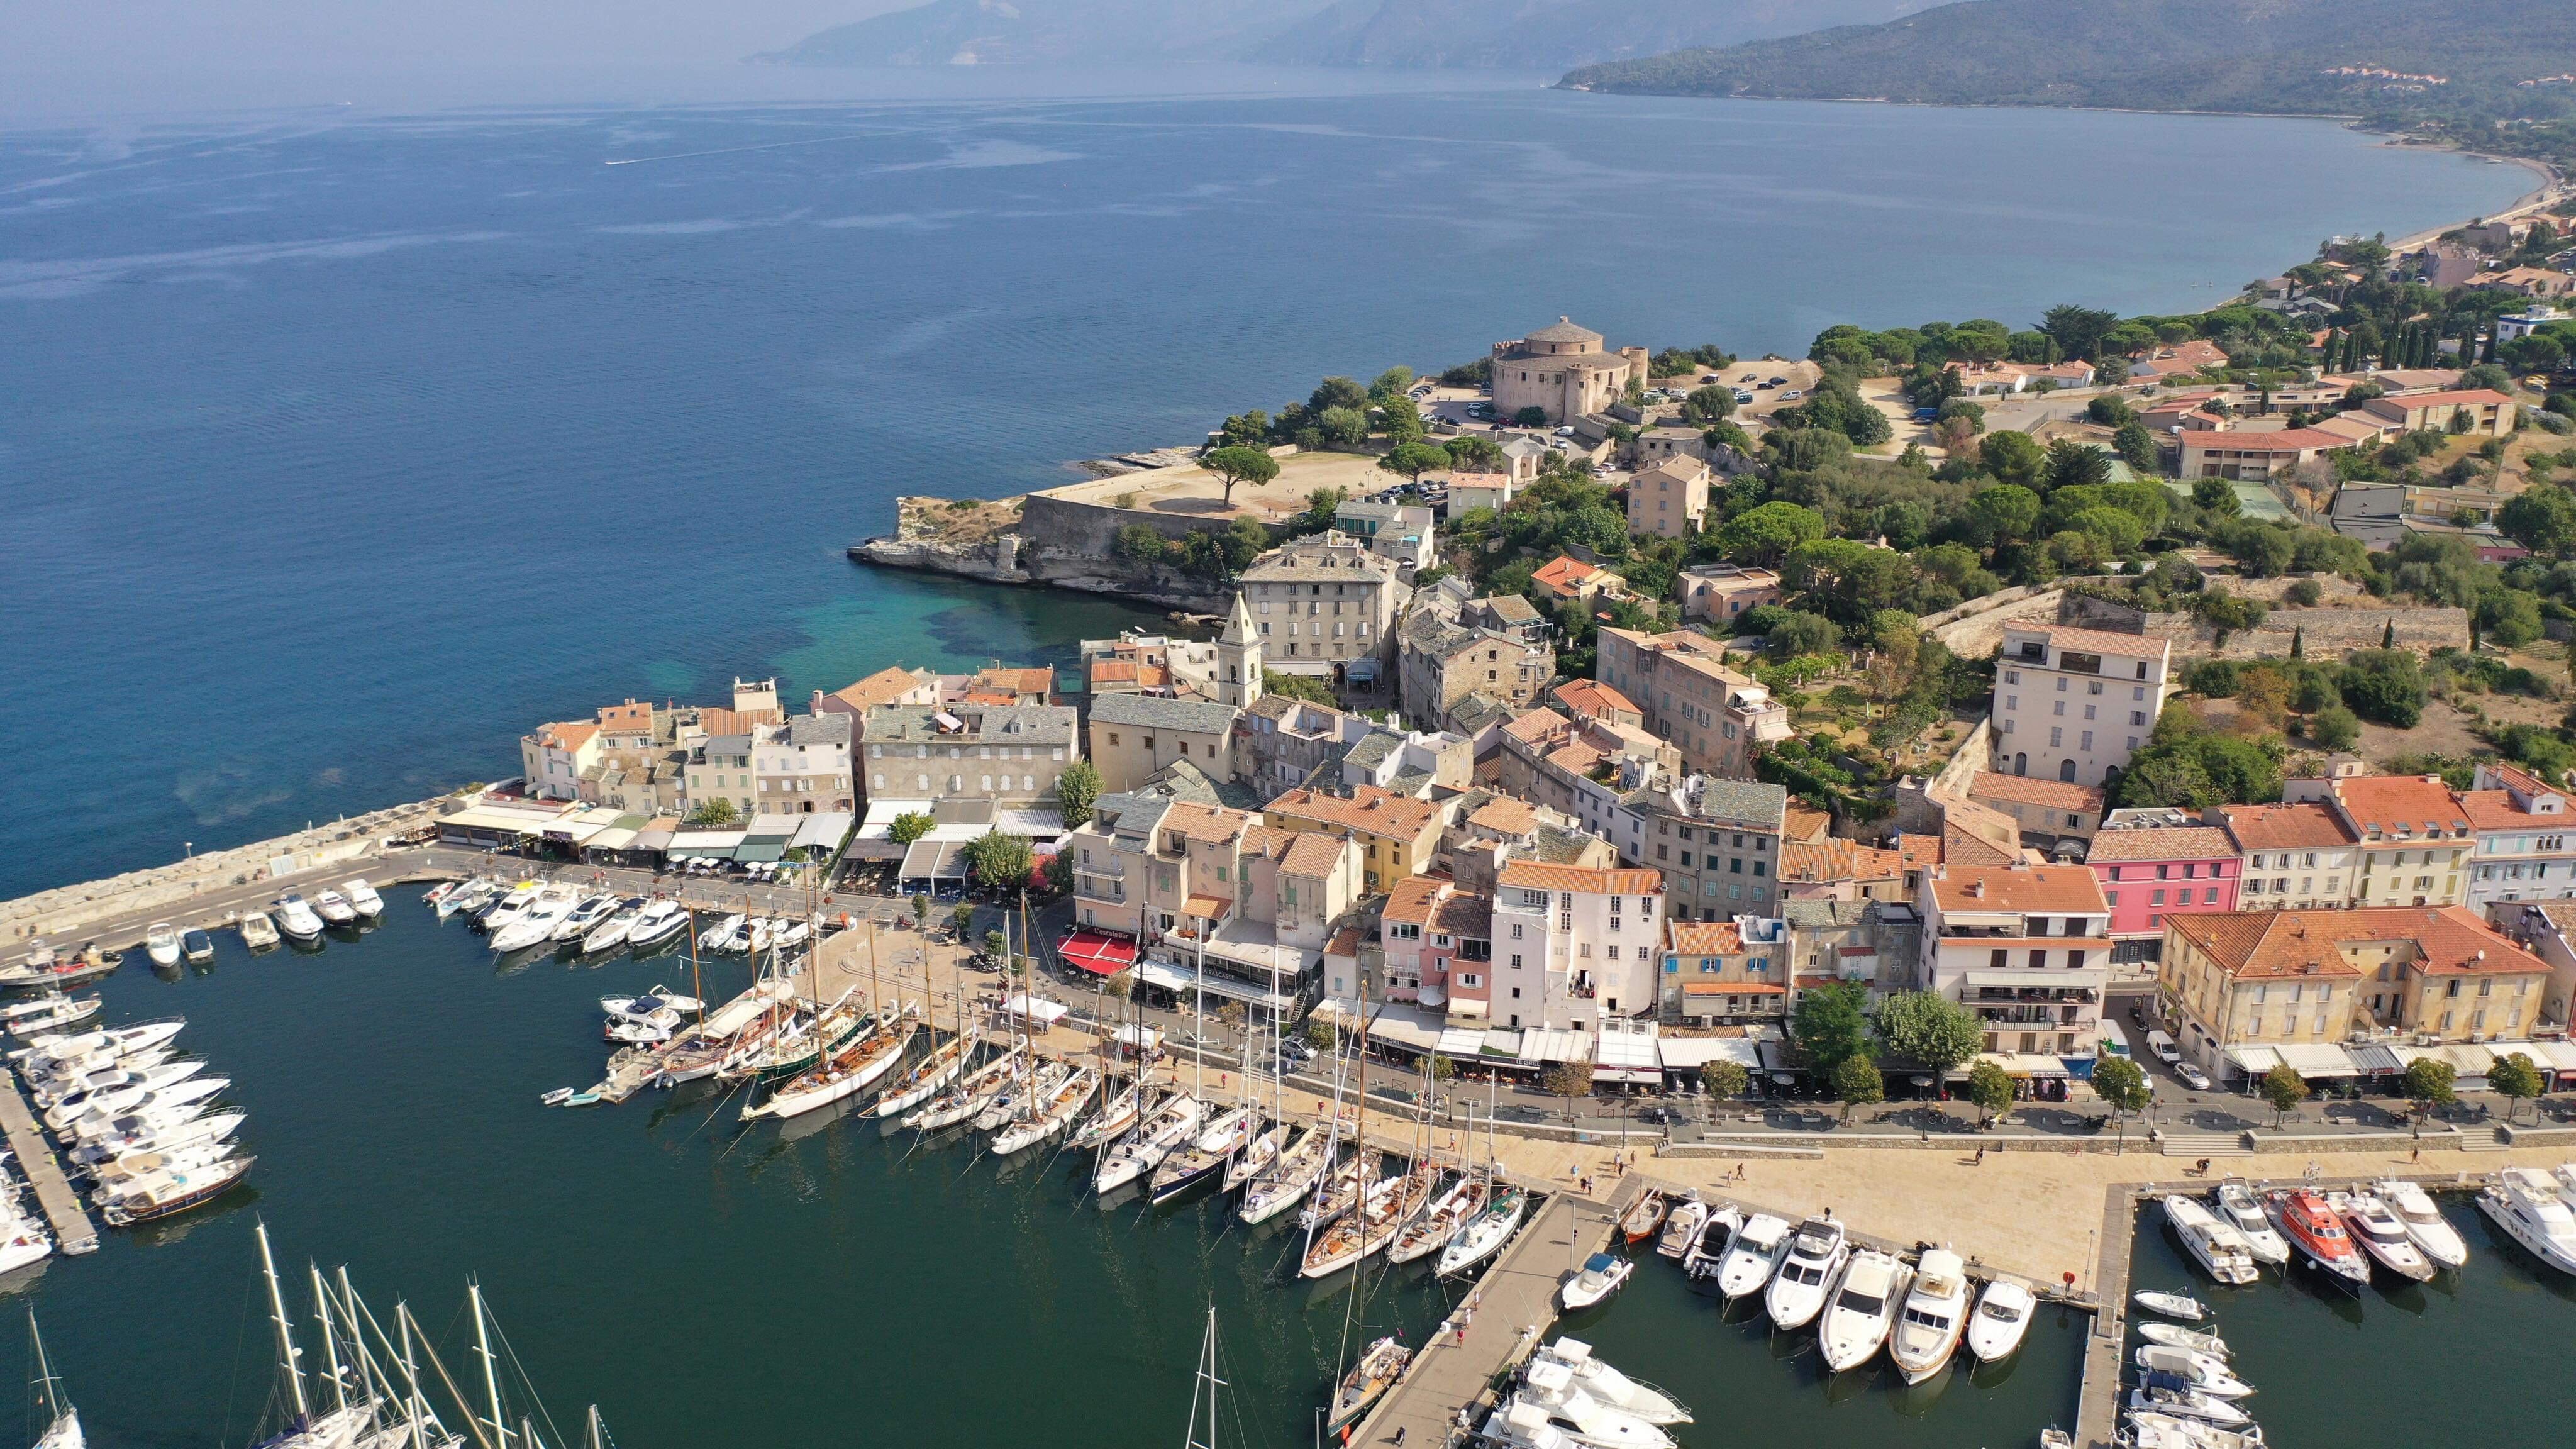 CC 2019 Port de Saint-Florent dimanche 1 septembre photo JP Pyrée DR